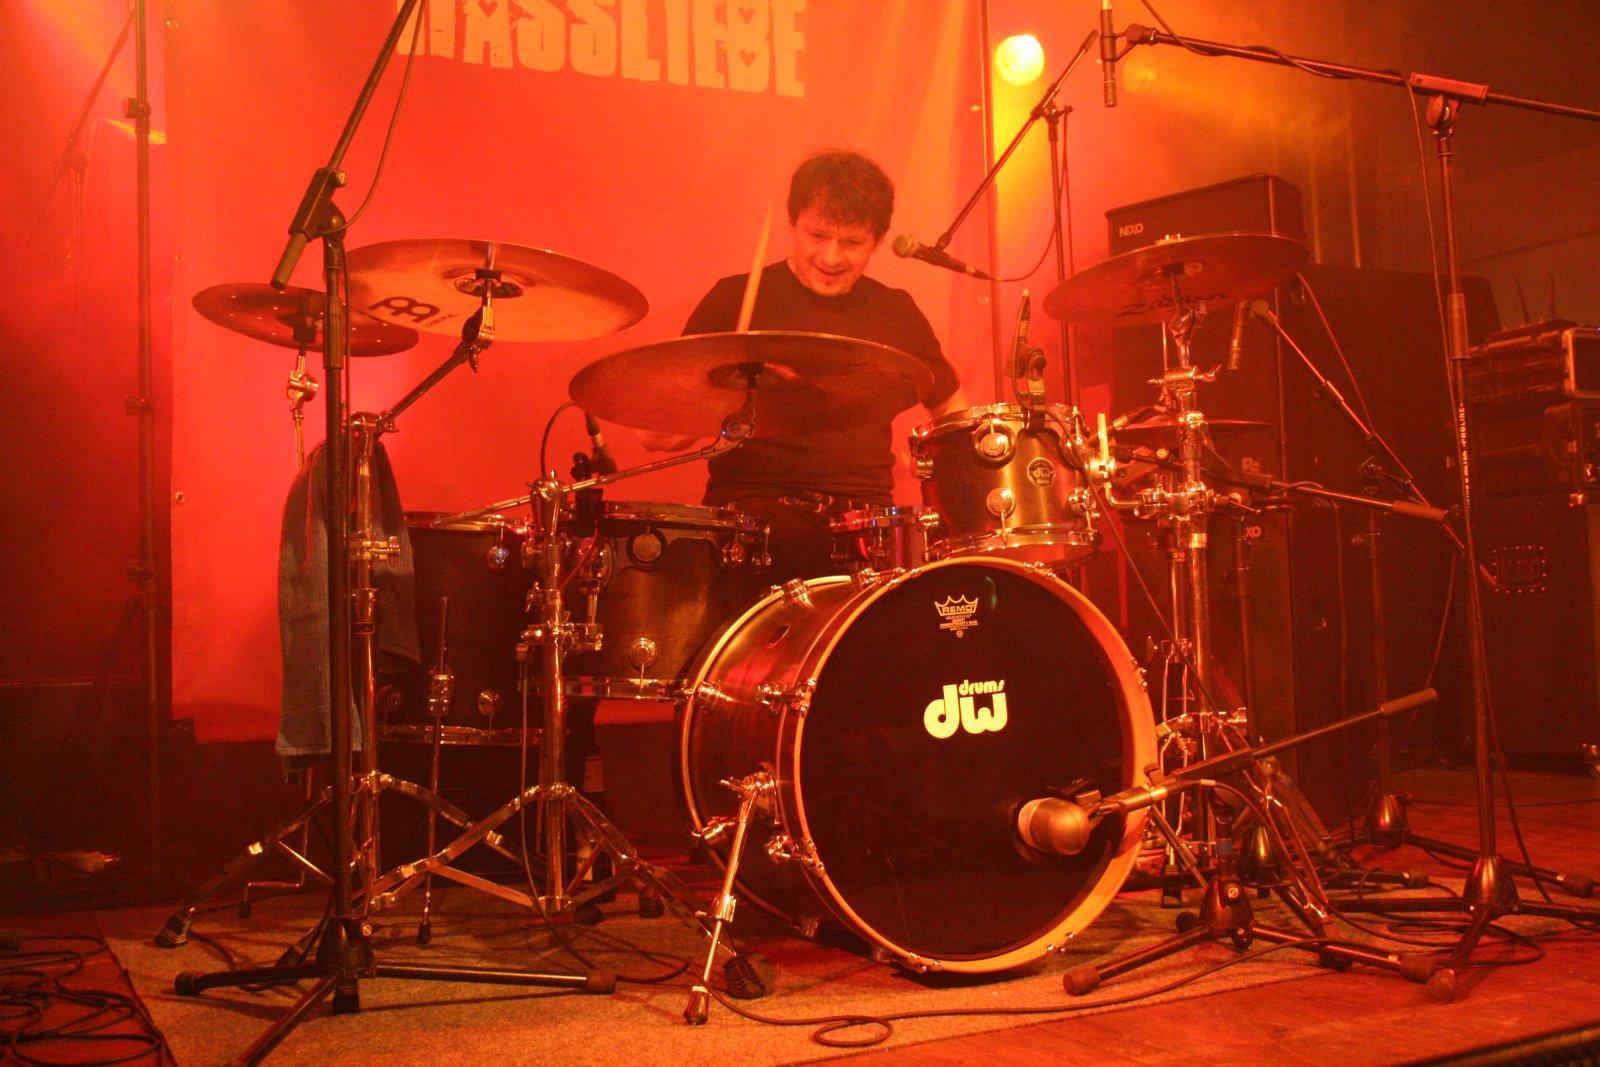 Hassliebe - Lennestadt Sauerlandhalle, 15.05.2010 - Foto von Andrea Jaeckel-Dobschat - 022